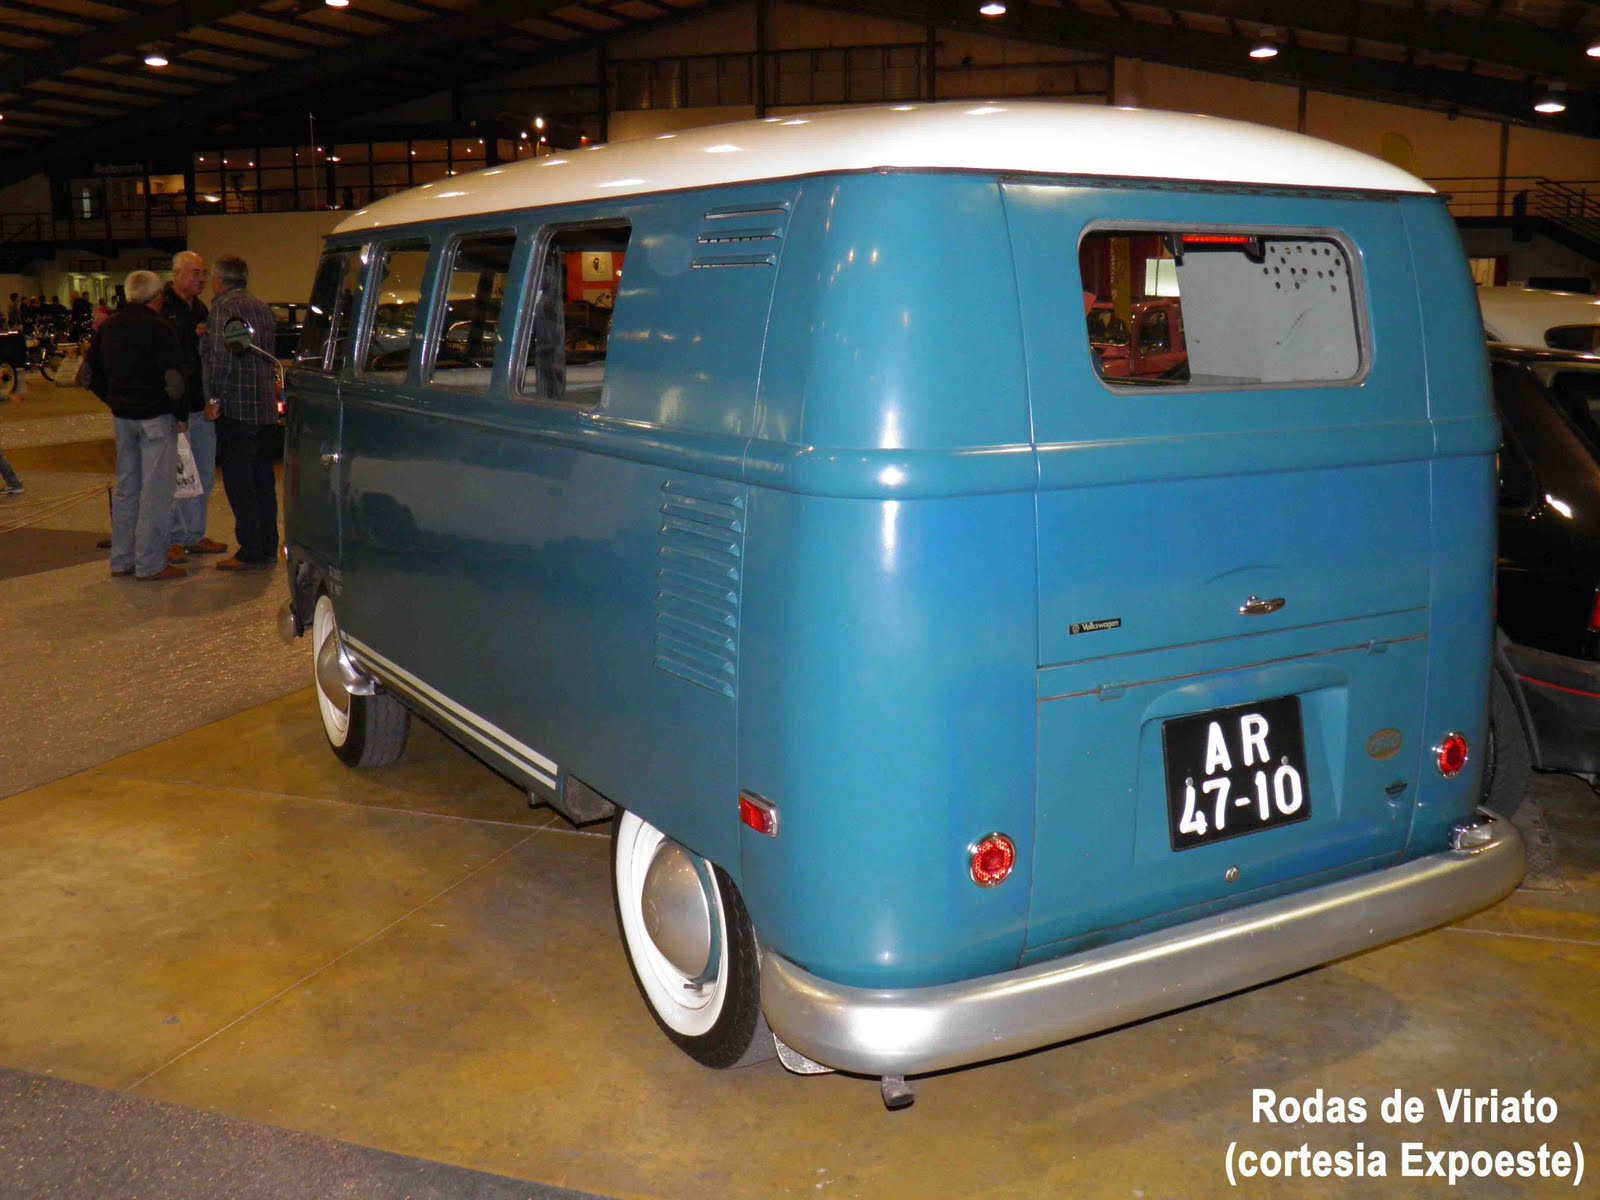 Fotos do Classic´Auto 2010 5º Salão do Automóvel Motos Antigas  #327B99 1600x1200